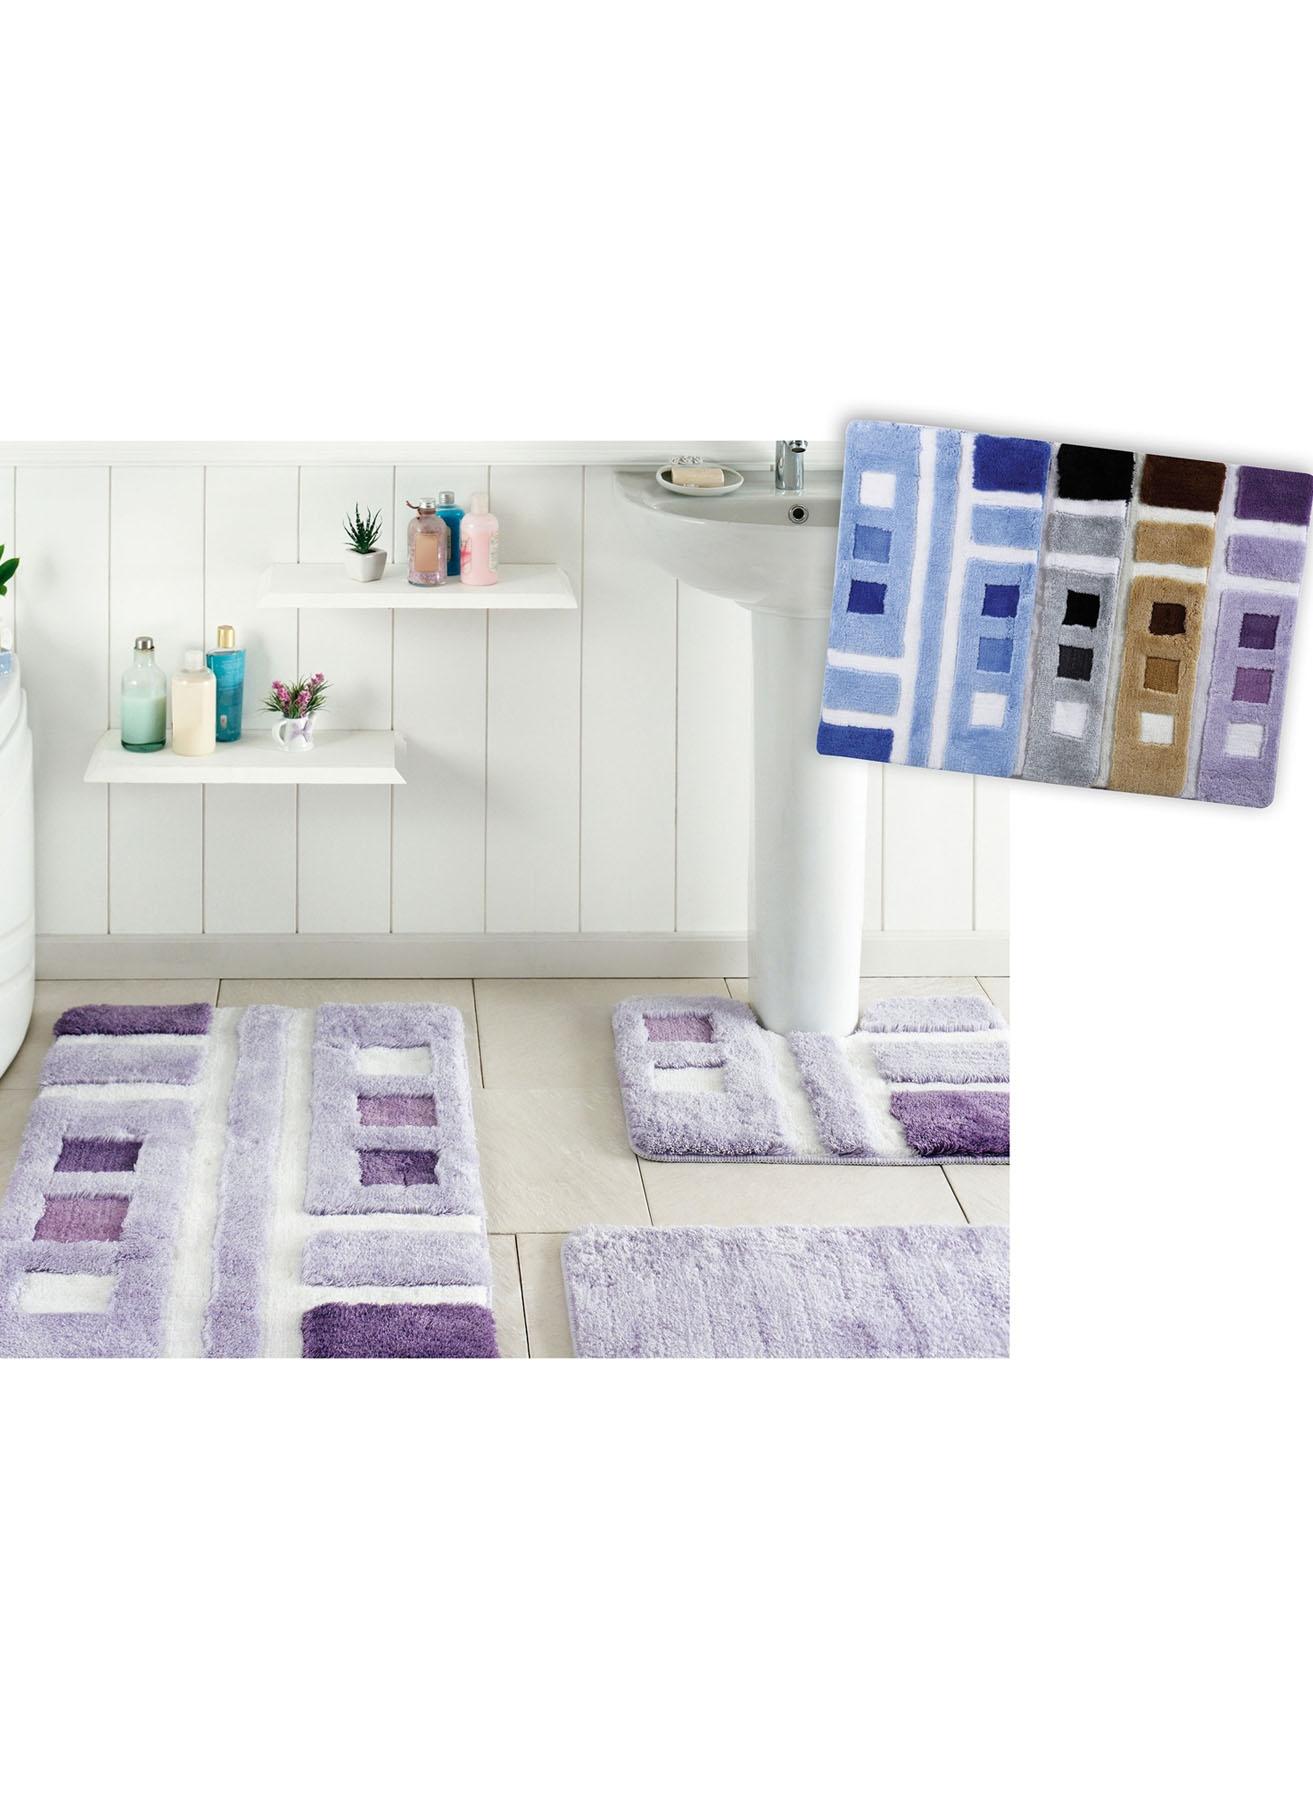 unisex Renksiz Taç Marlowe Paspas Seti 5002007321001 Ev Banyo Ürünleri